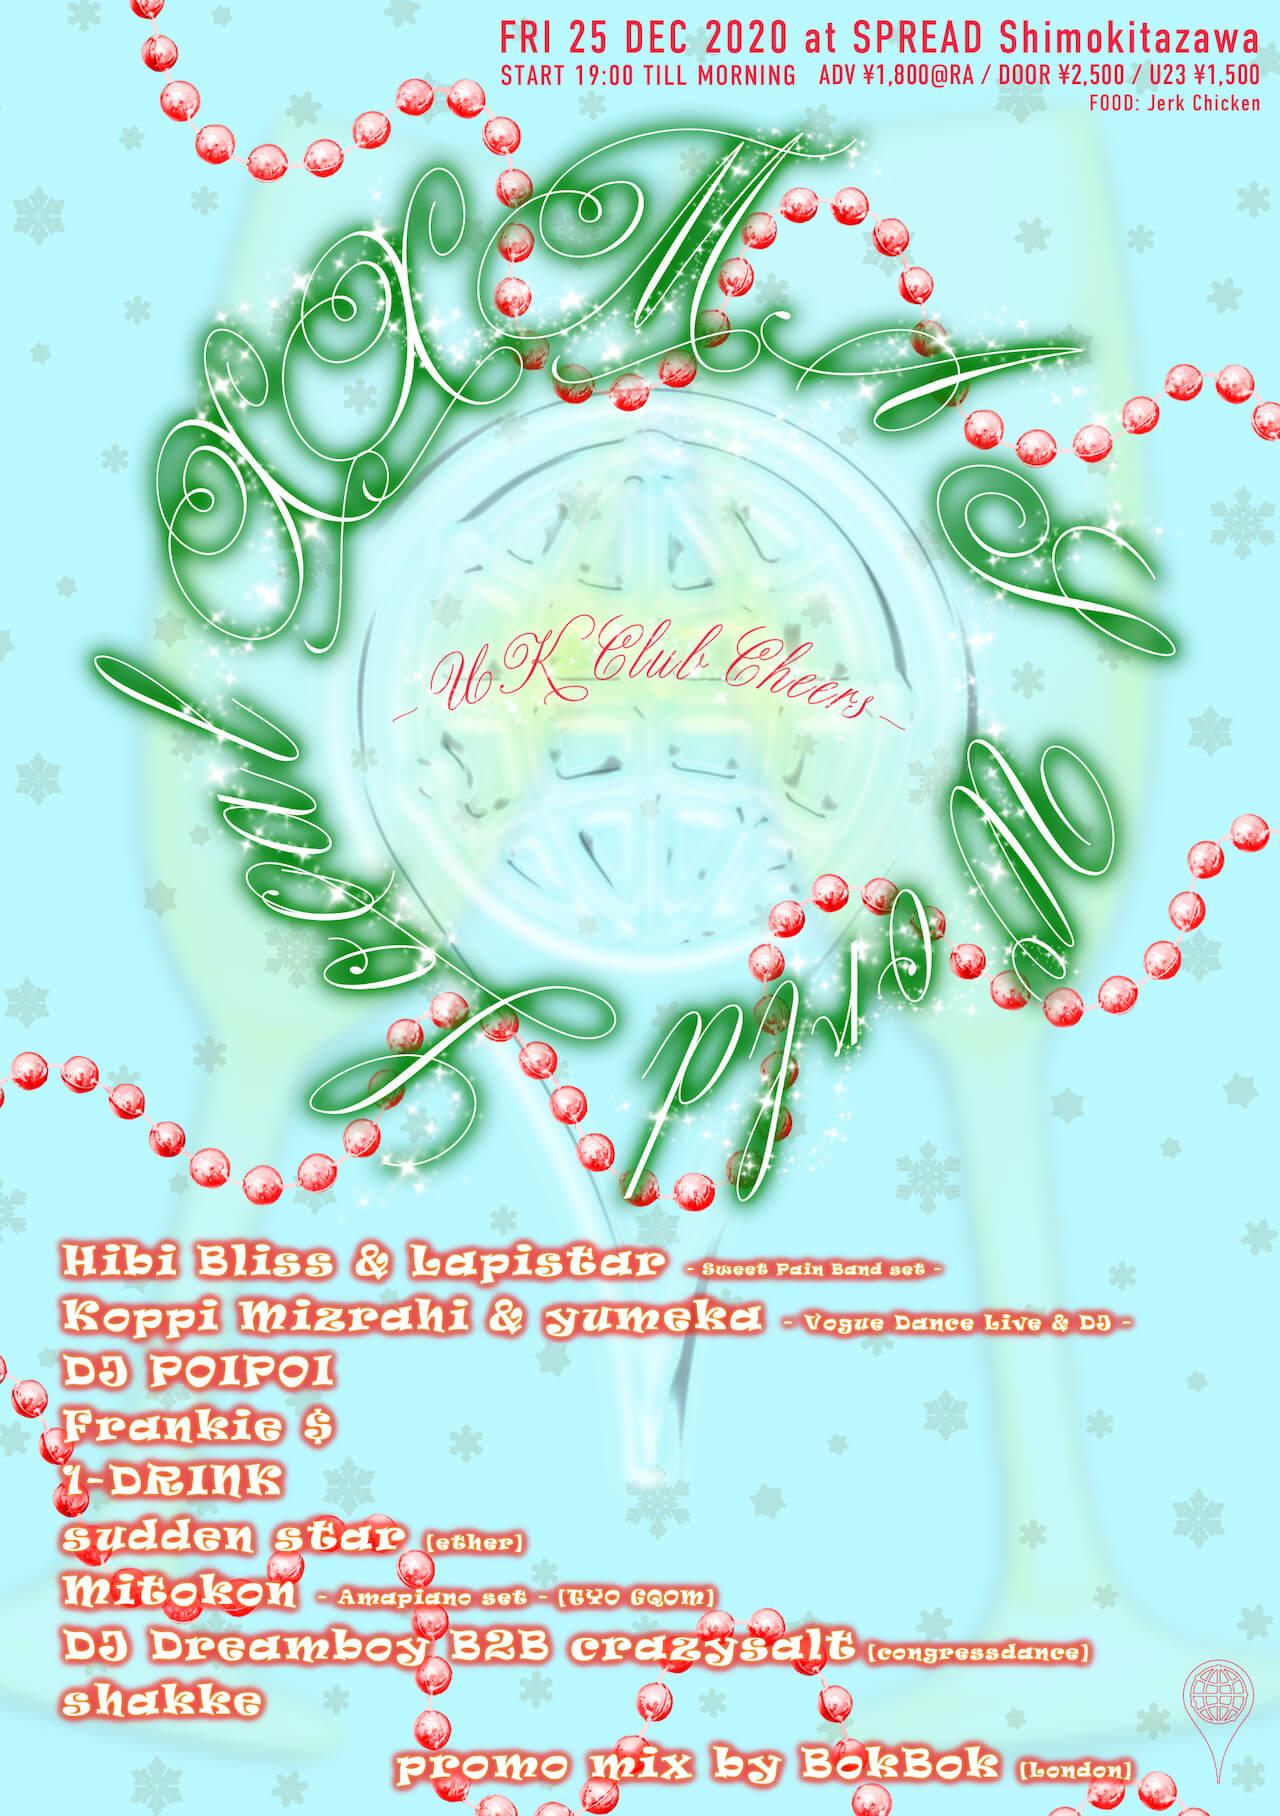 Local World史上初のクリスマス・パーティがSPREADで開催|Hibi Bliss&Lapistarのバンドセット、ヴォーグレジェンドKoppi Mizrahiらが登場 music201224-localworld-1